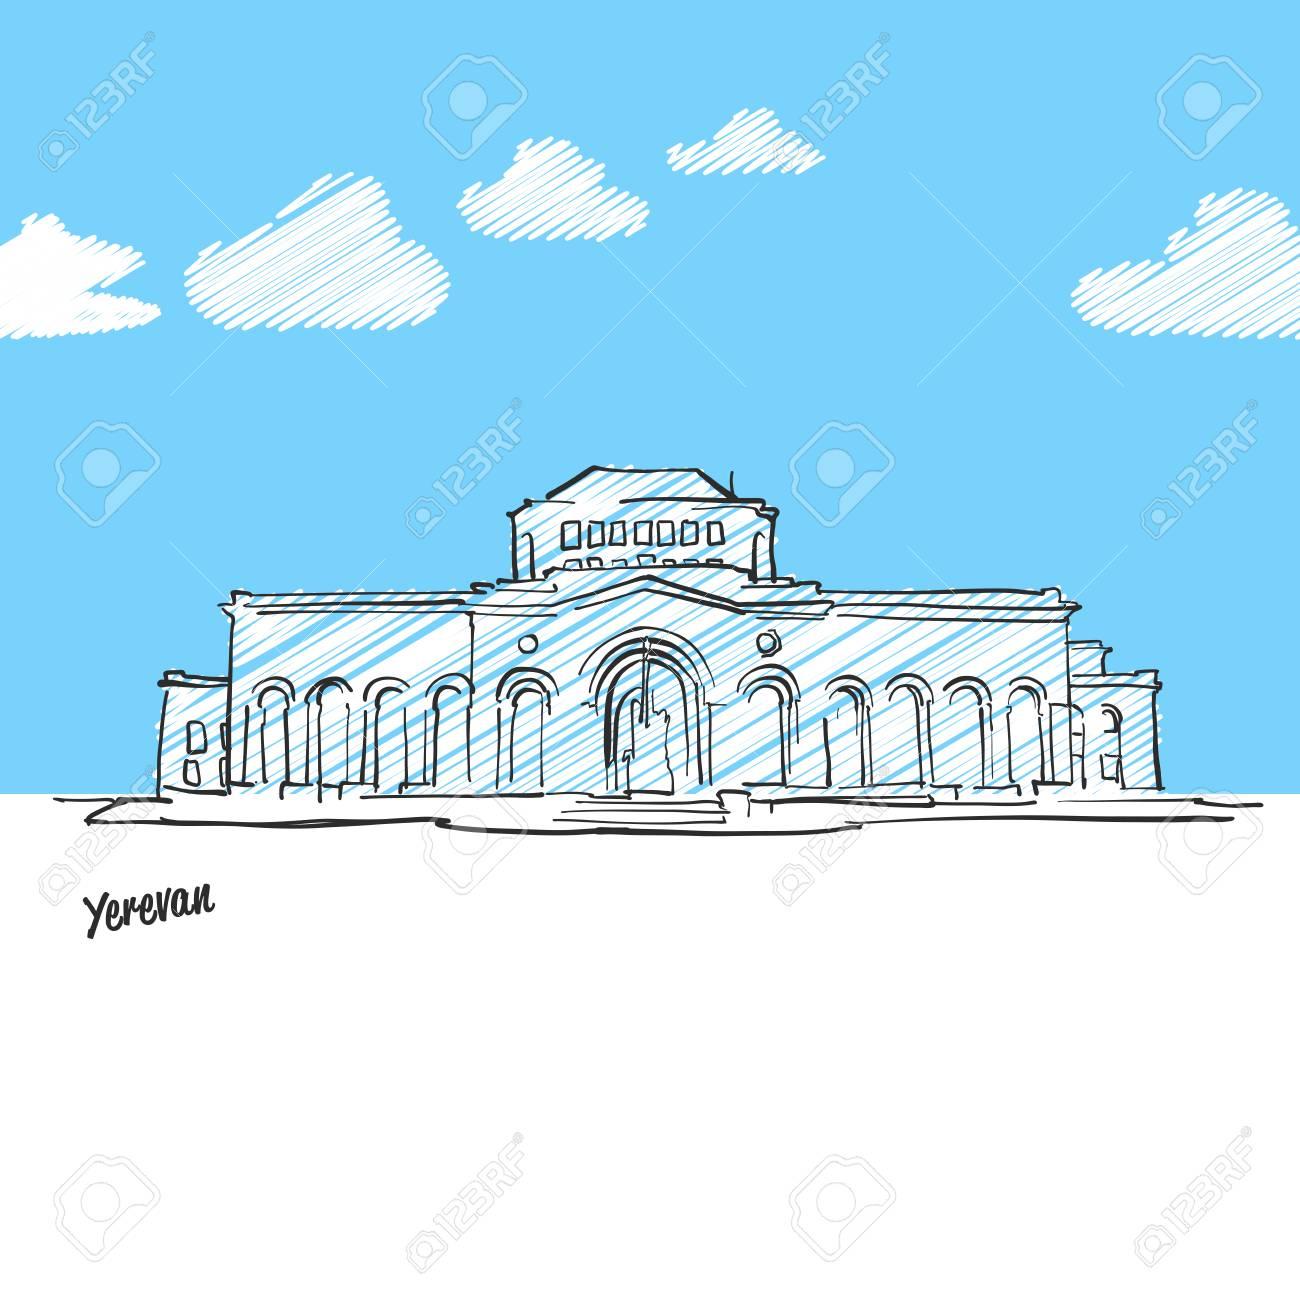 Eriwan Armenien Beruhmte Skyline Skizze Lineart Von Hand Zeichnen Grusskartenikone Mit Titel Vektorillustration Lizenzfrei Nutzbare Vektorgrafiken Clip Arts Illustrationen Image 88371605